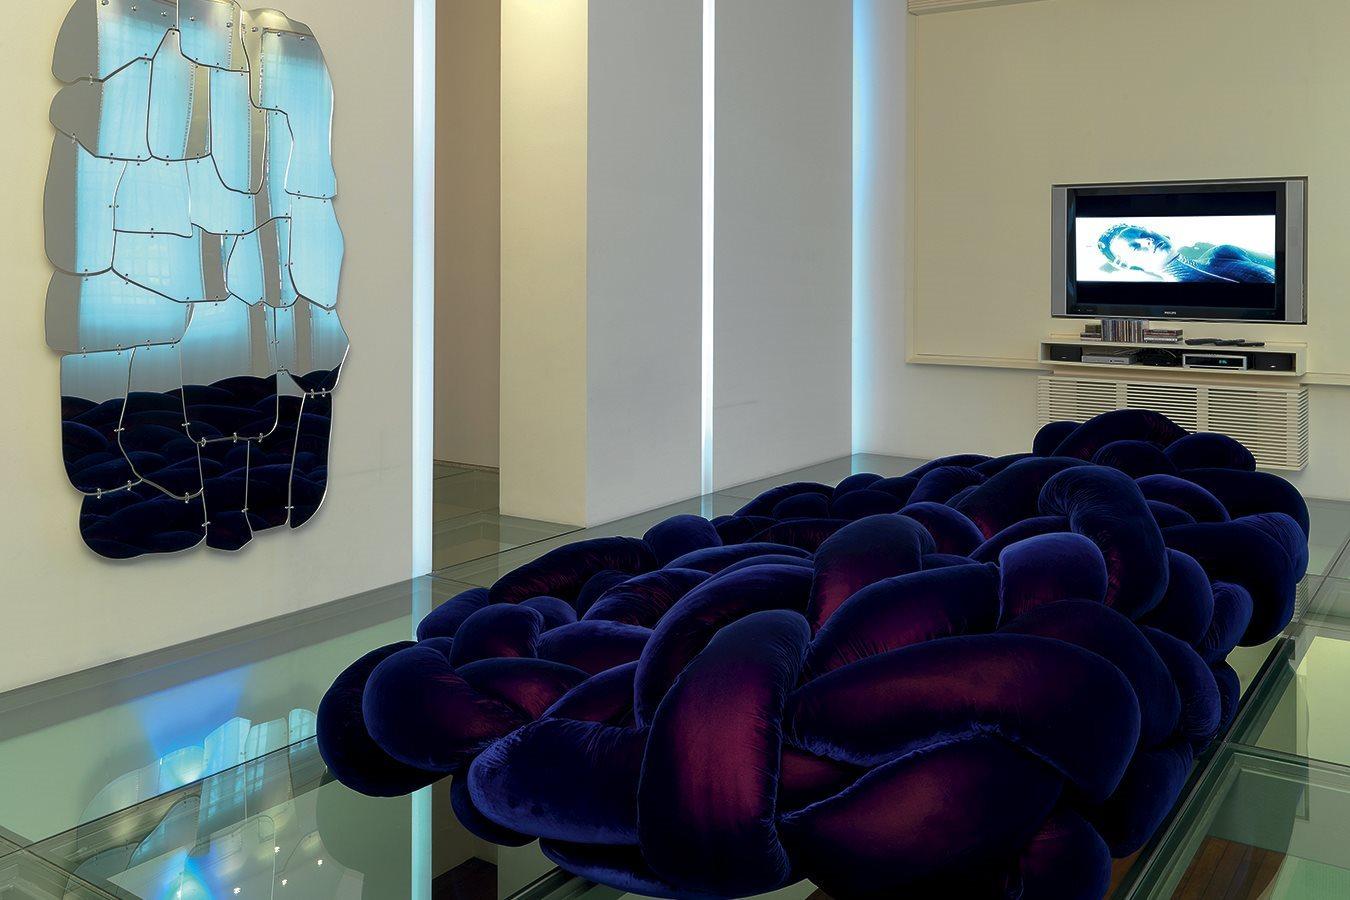 أريكة عصرية غريبة 10 الراحة والعصرية في تصميمات أرائك غريبة وغير تقليدية